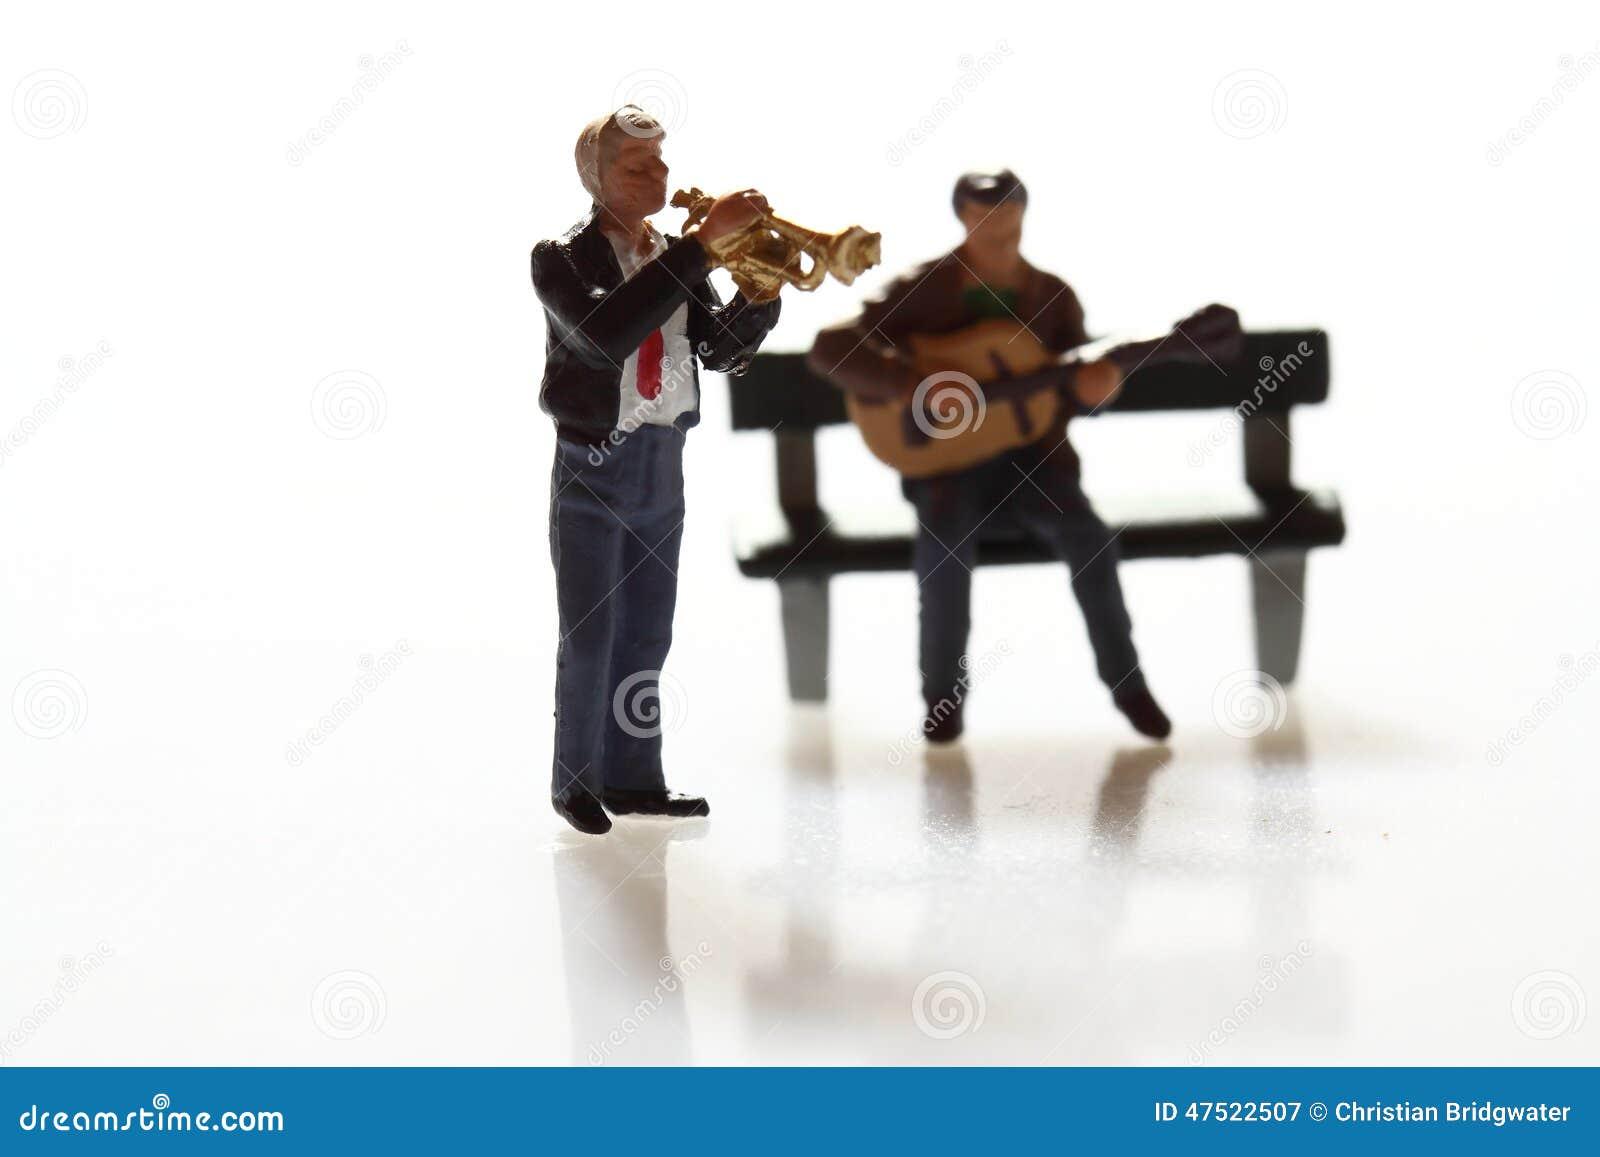 Miniature musicians A